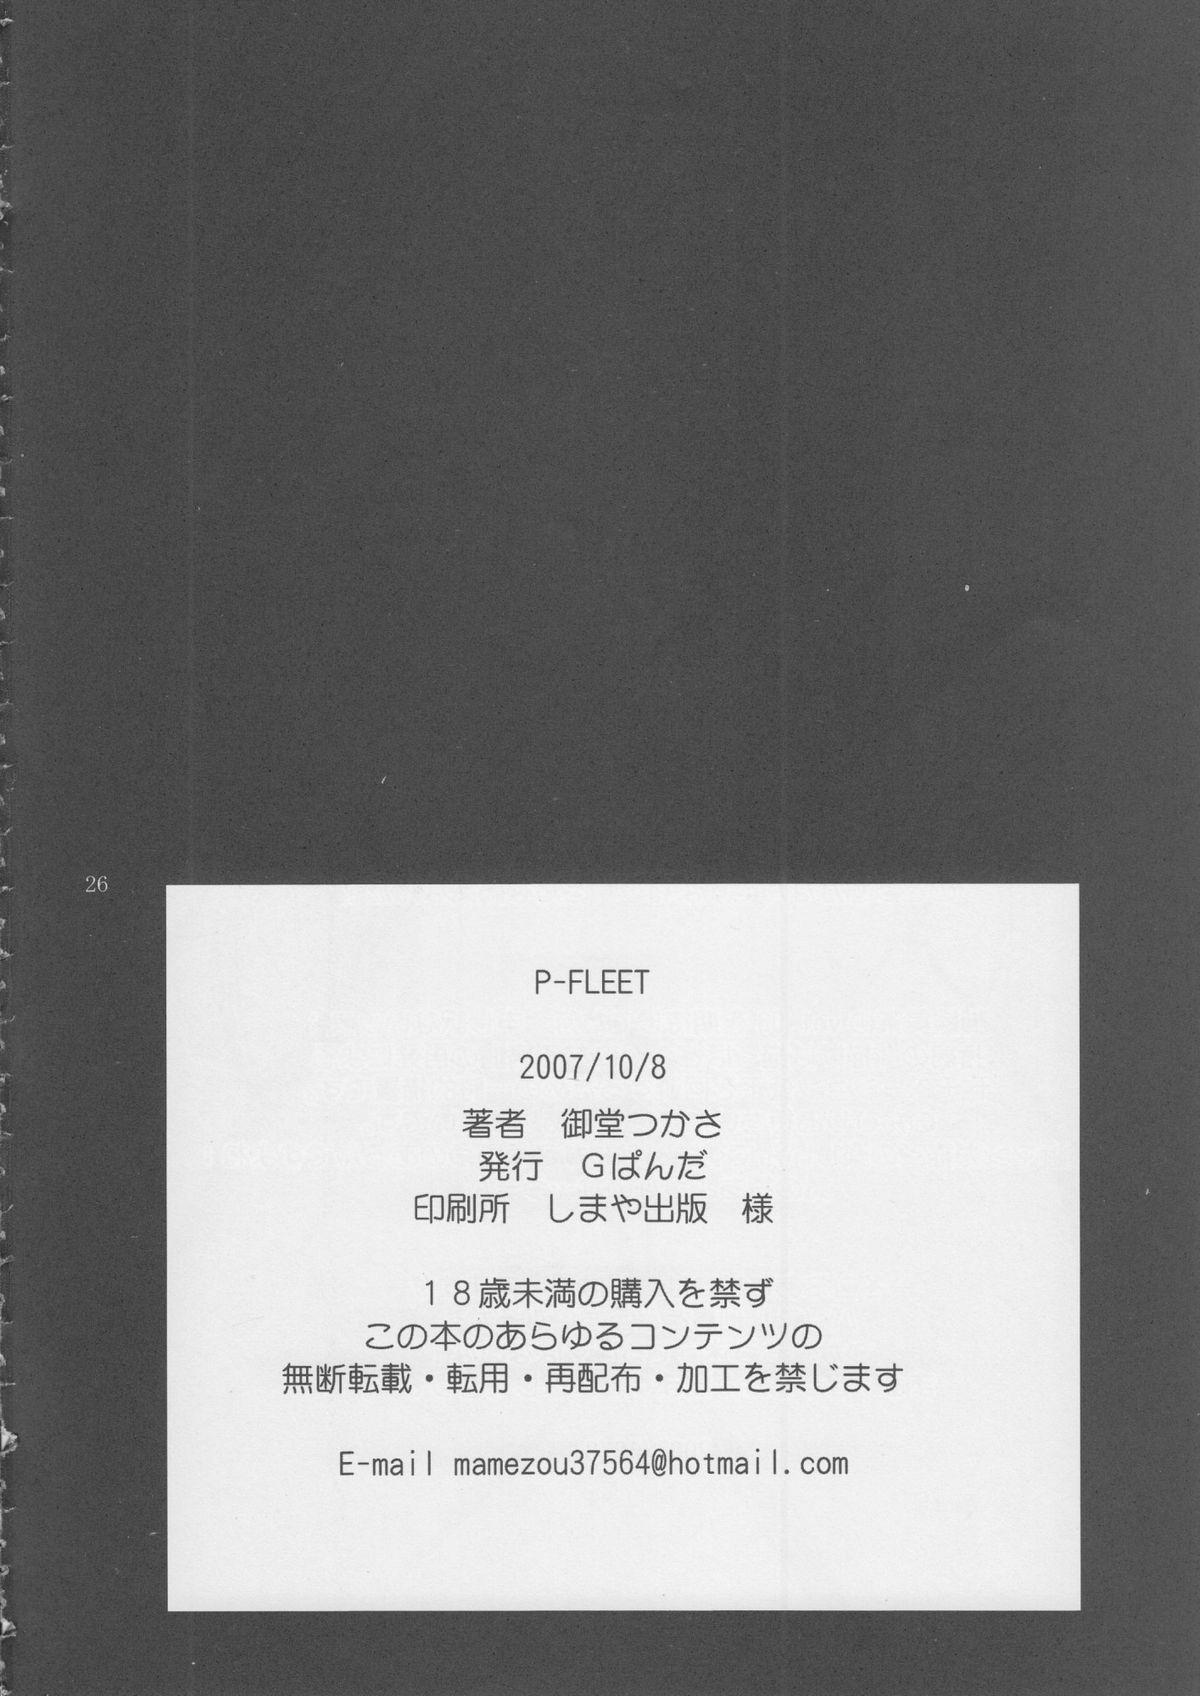 P-FLEET 24